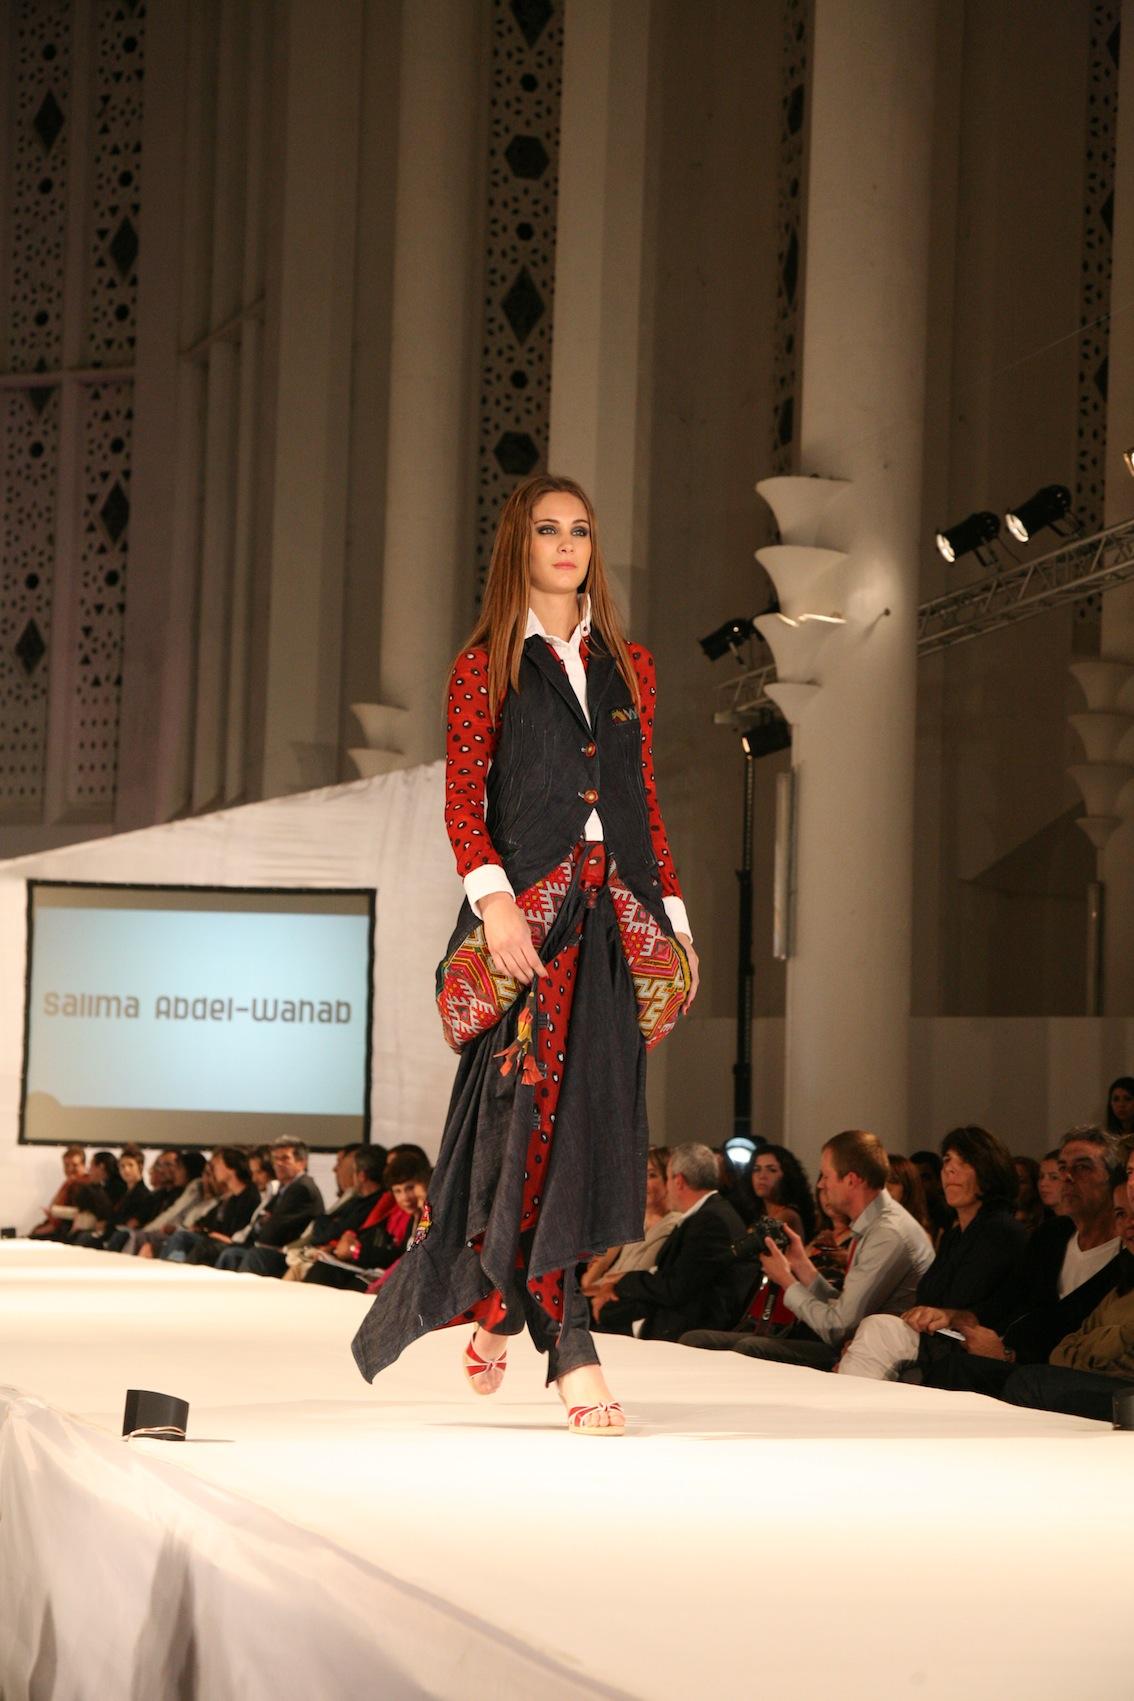 Fashions by Salima Abdel-Wahab